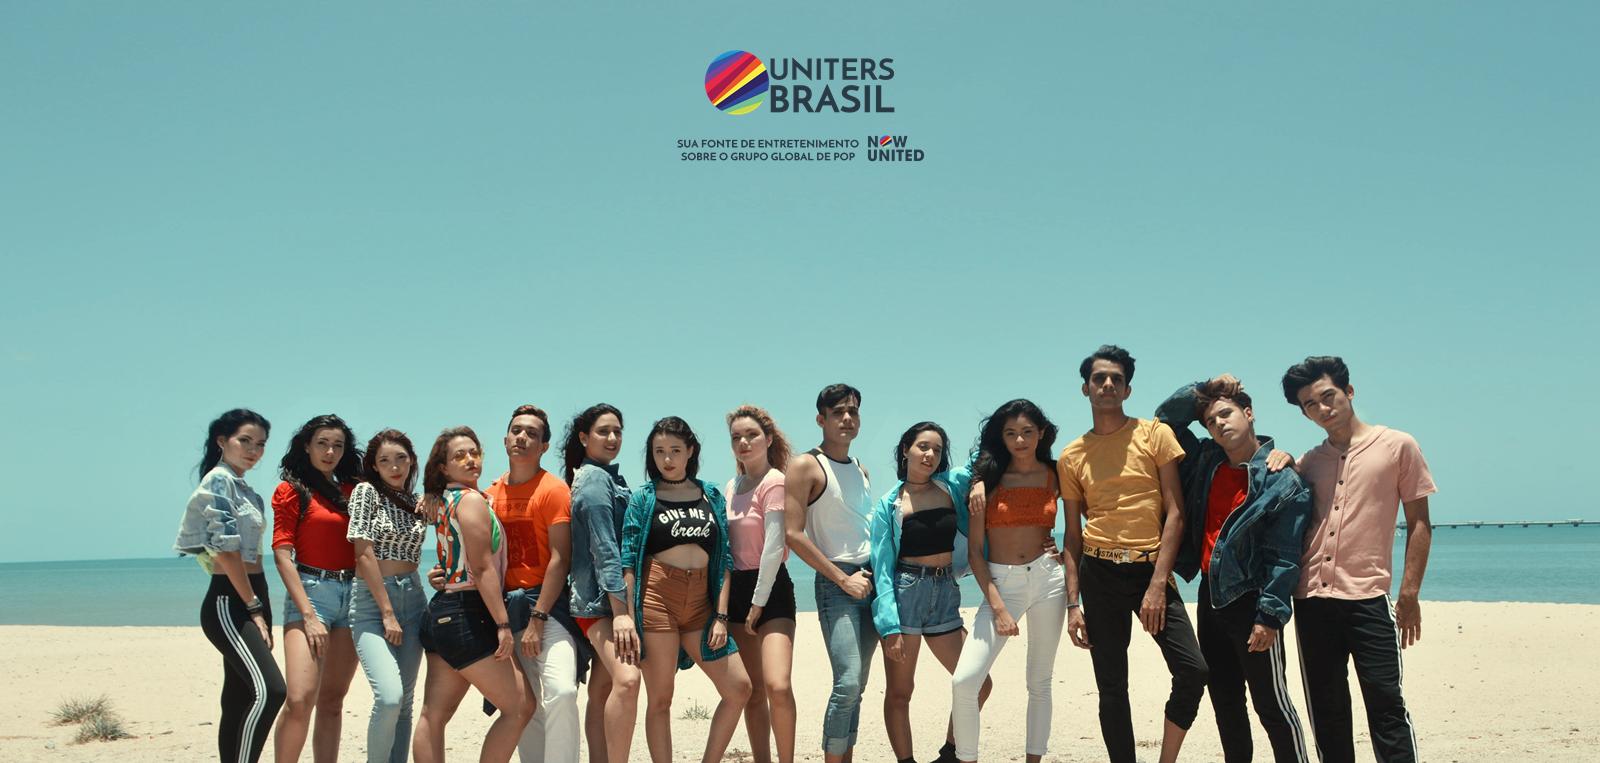 UNIO PROJECT: Grupo de Fortaleza faz sucesso sendo cover de Now United